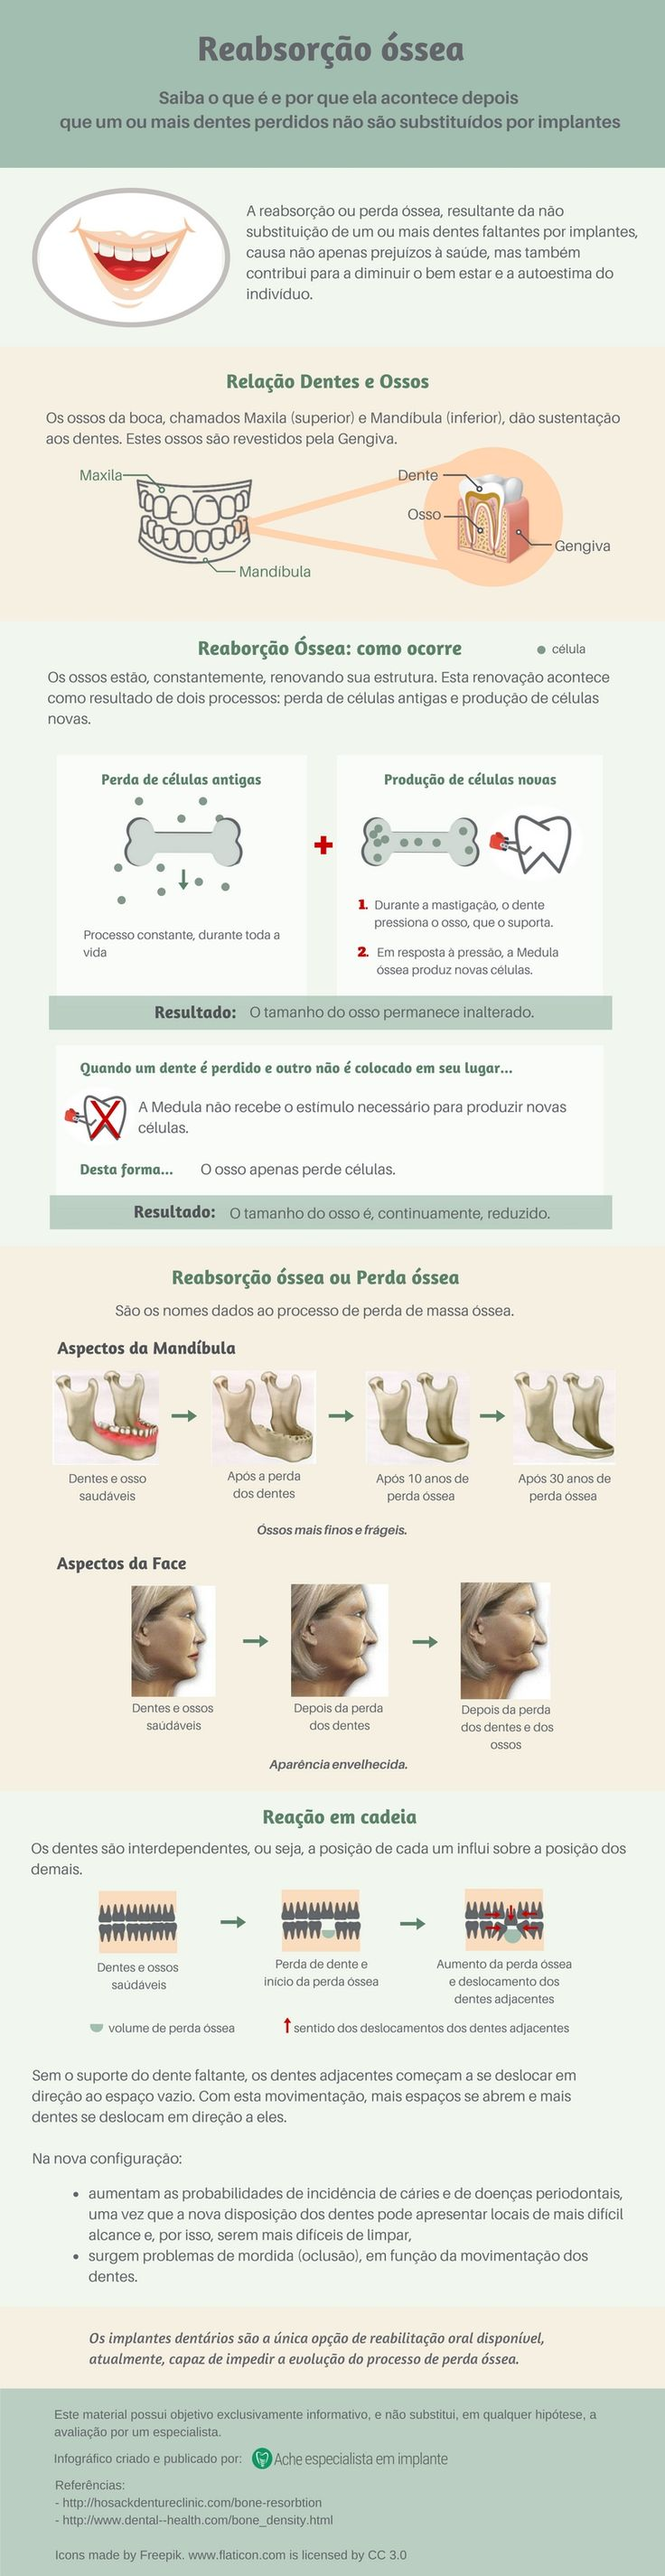 Você sabe o que é perda ou reabsorção óssea, e por que ela ocorre após a extração de um dente? http://acheespecialistaemimplante.com.br/tudo-sobre-implante-dentario/reabsorcao-ossea/